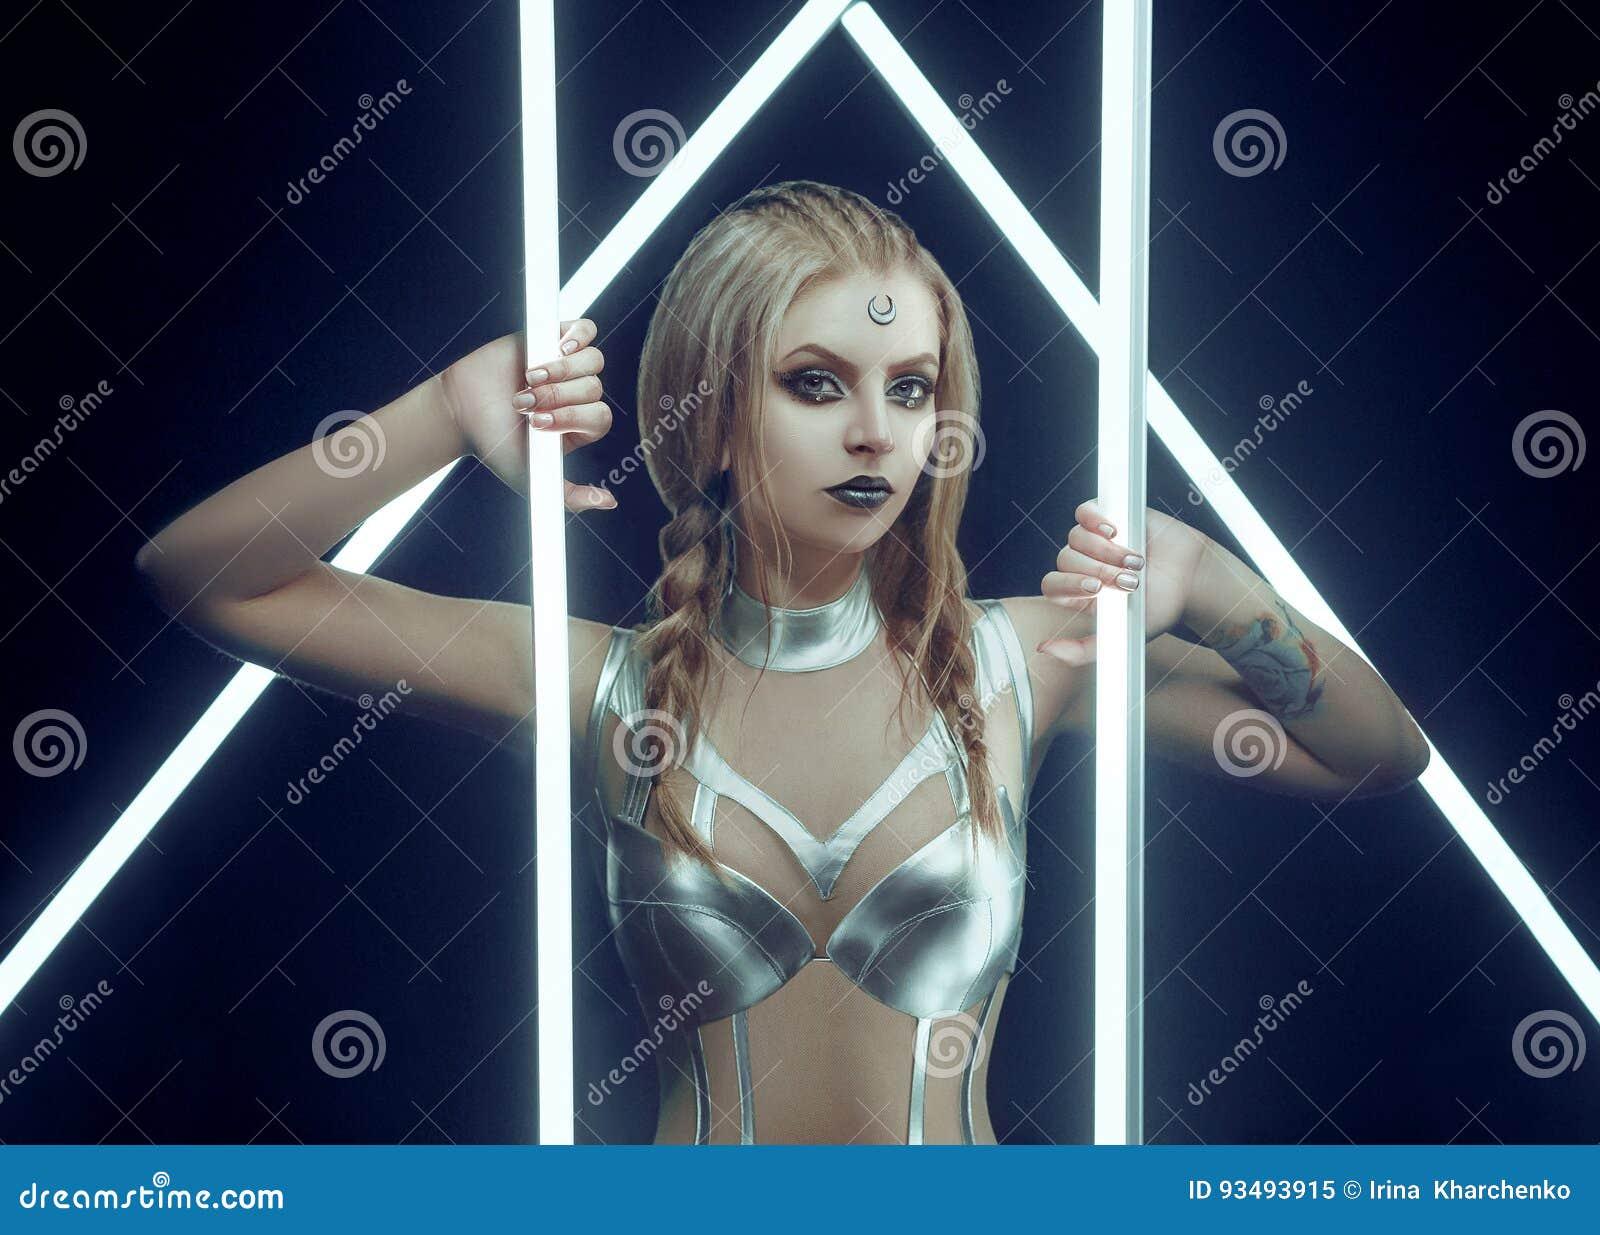 portals art Girl model